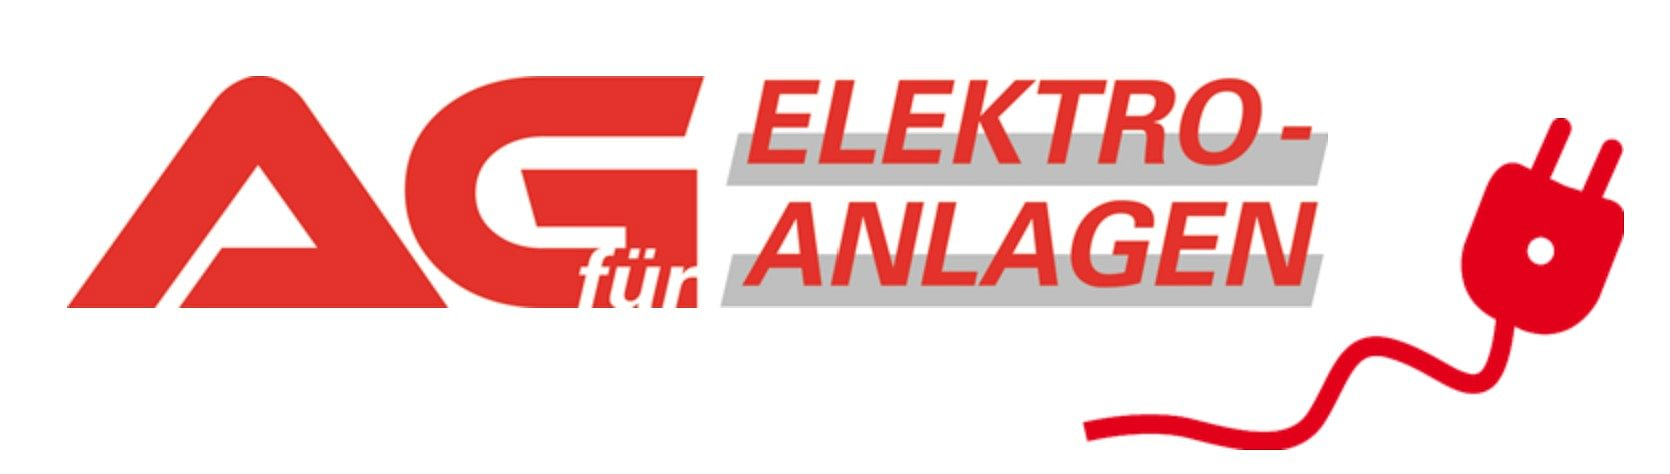 AG für Elektro-Anlagen